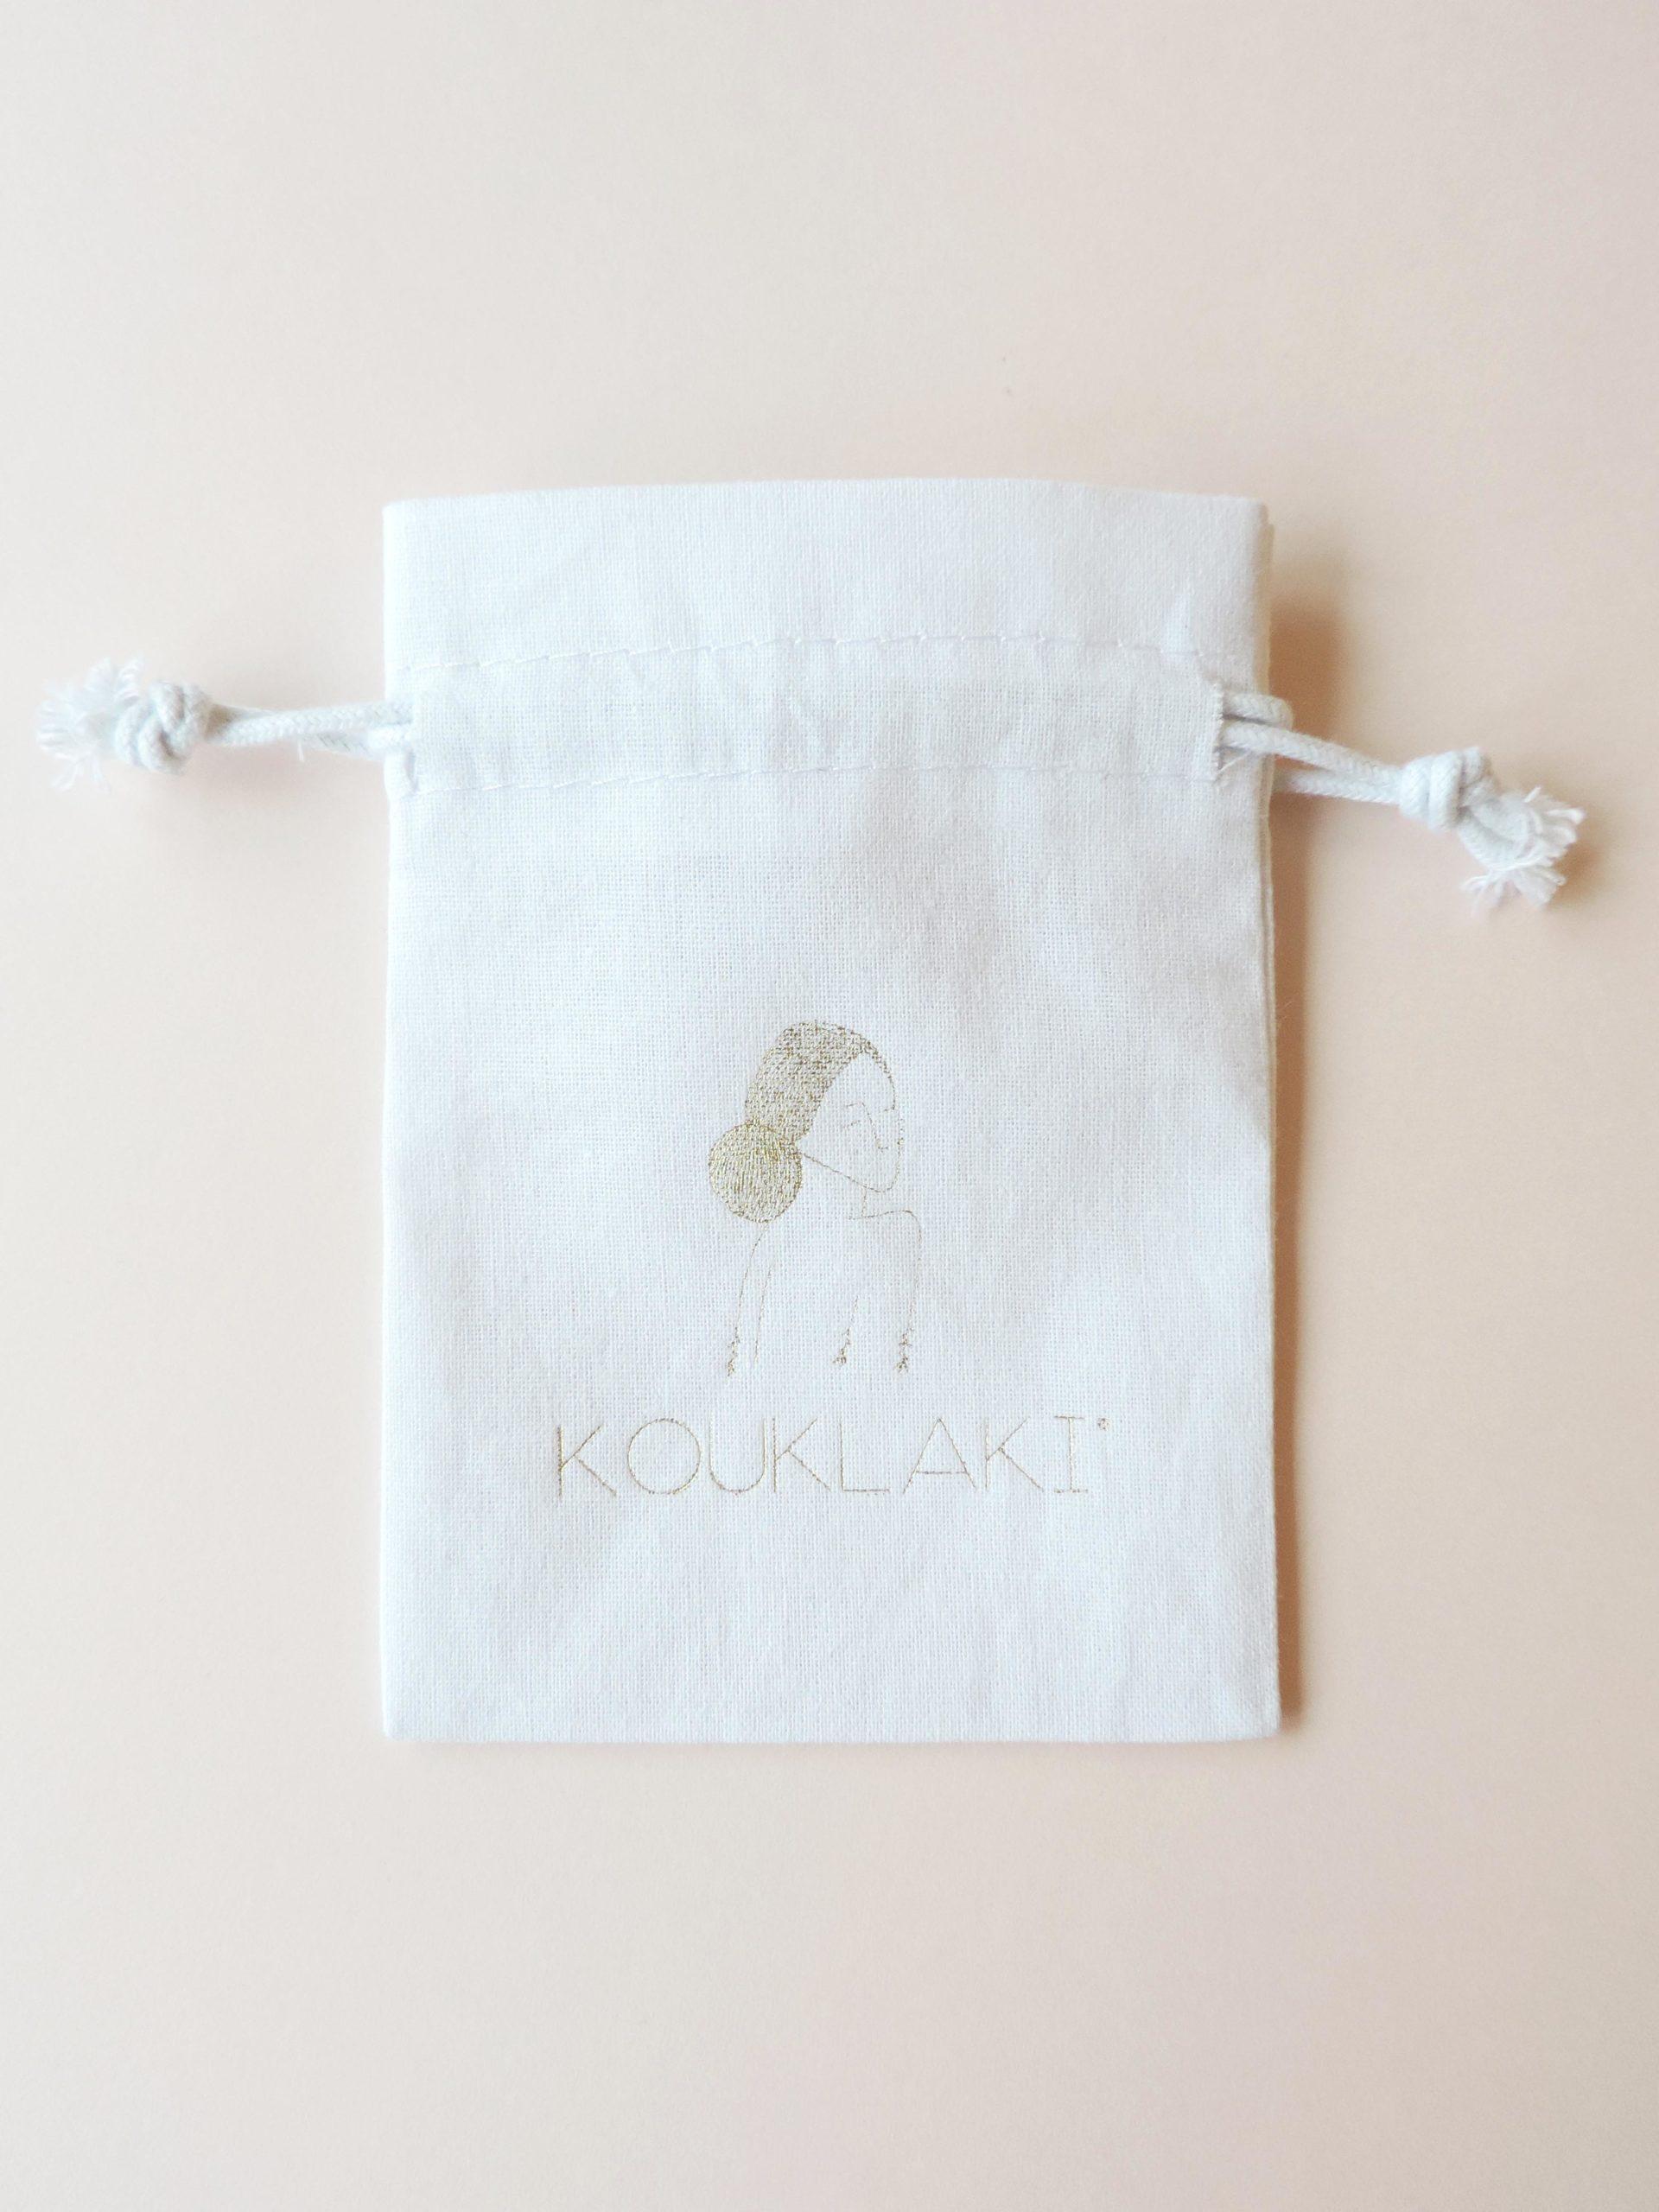 Bijoux, boucles d'oreilles KOUKLAKI, fait main en France